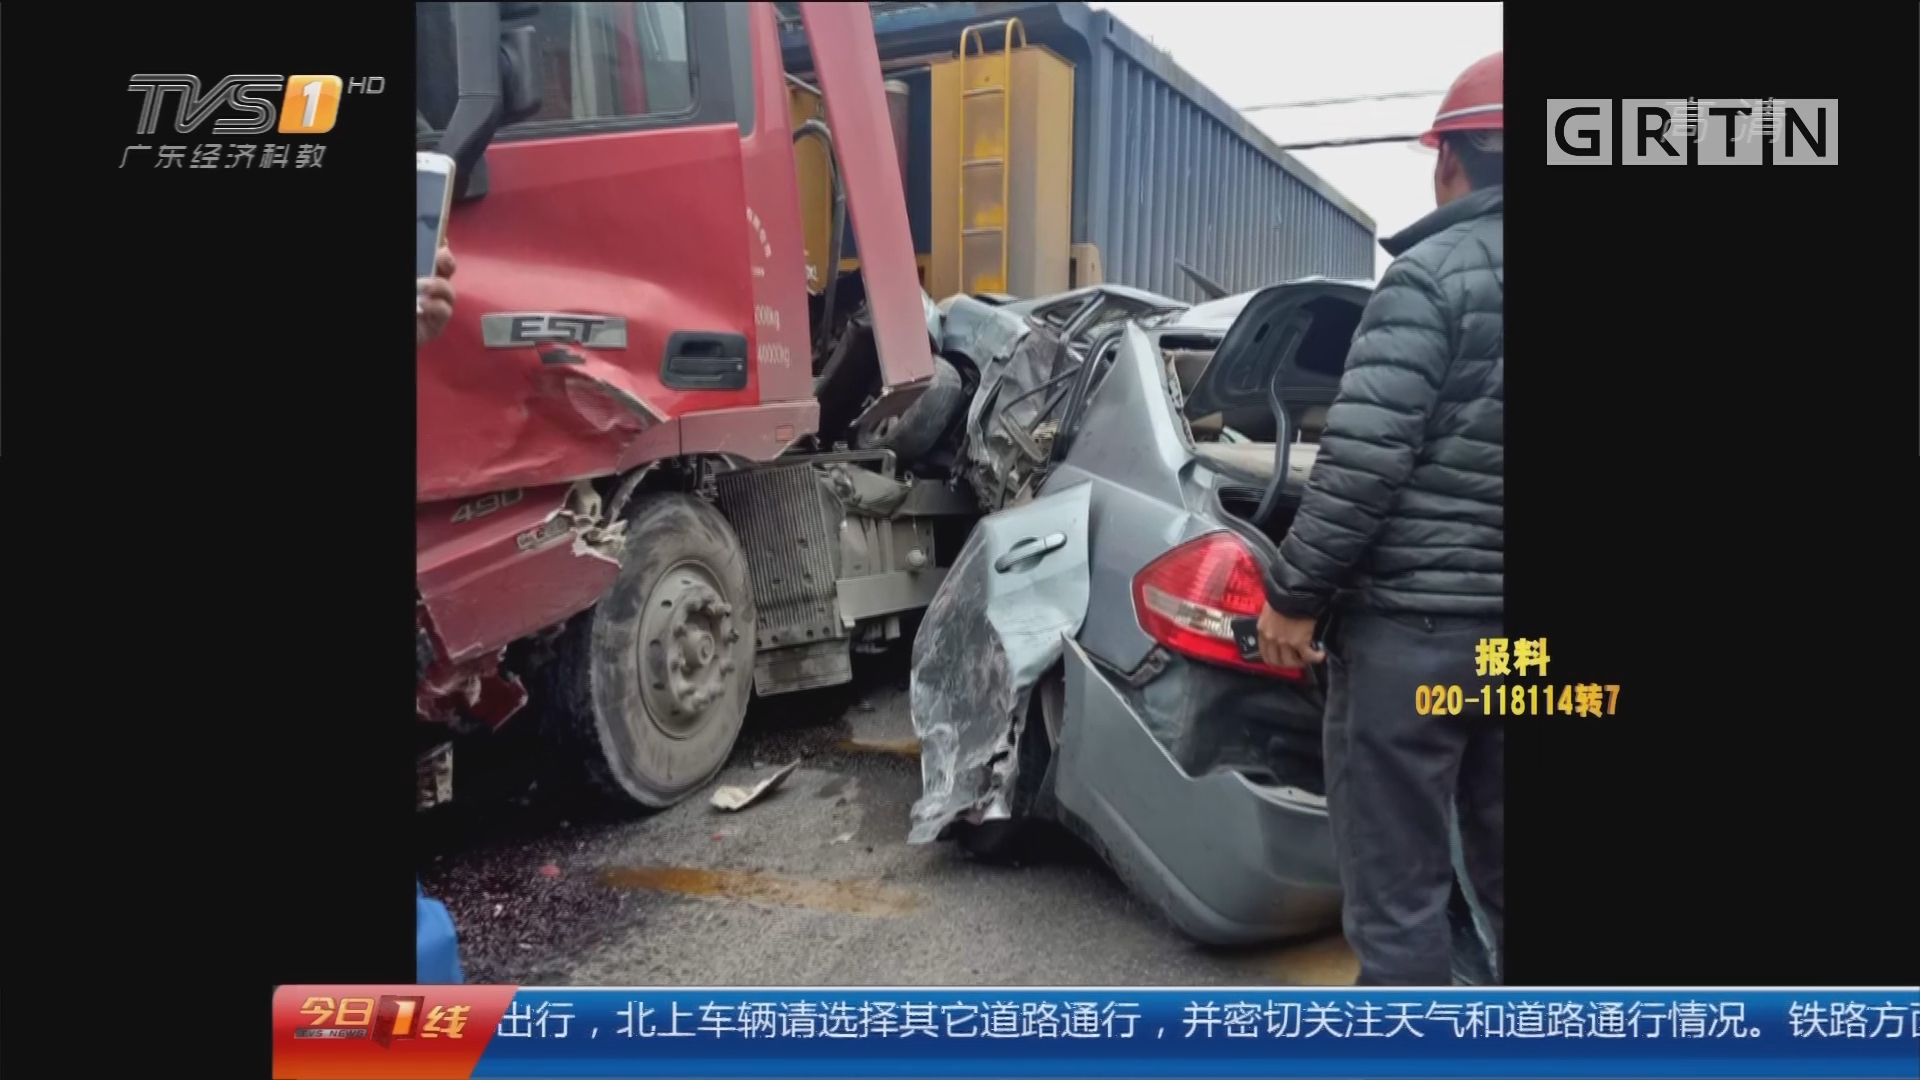 东莞石碣:小轿车突然变道 大货车拦腰撞上